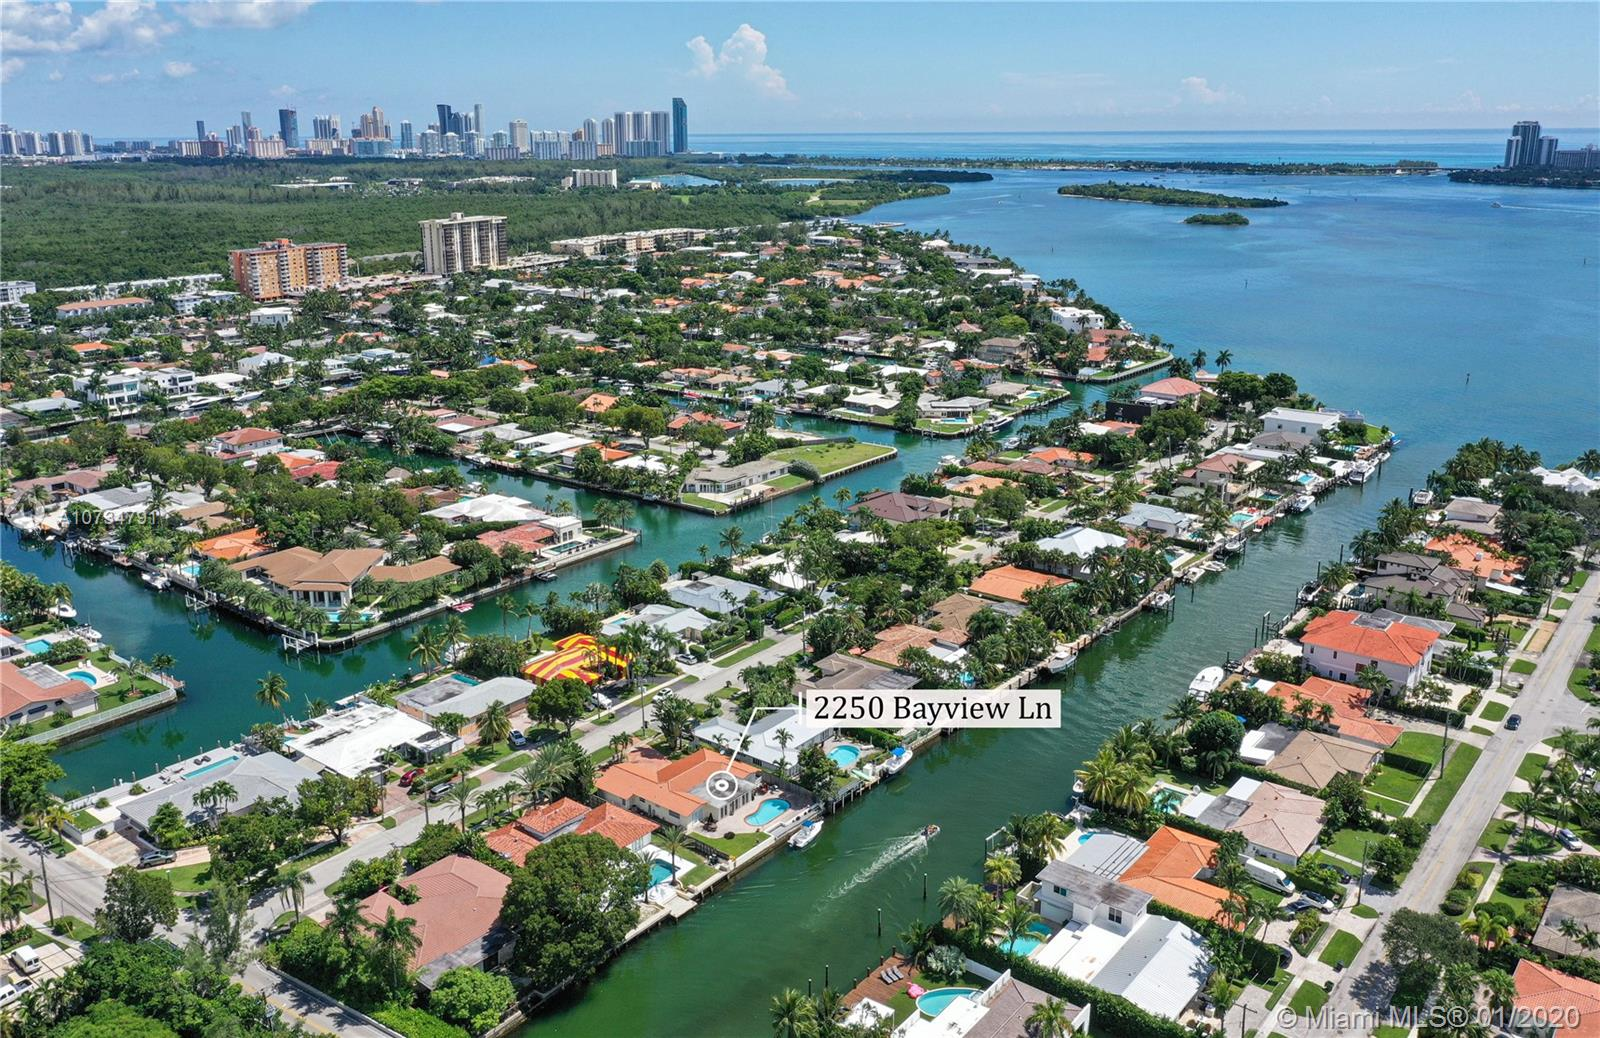 2250 Bayview Ln, North Miami, FL 33181